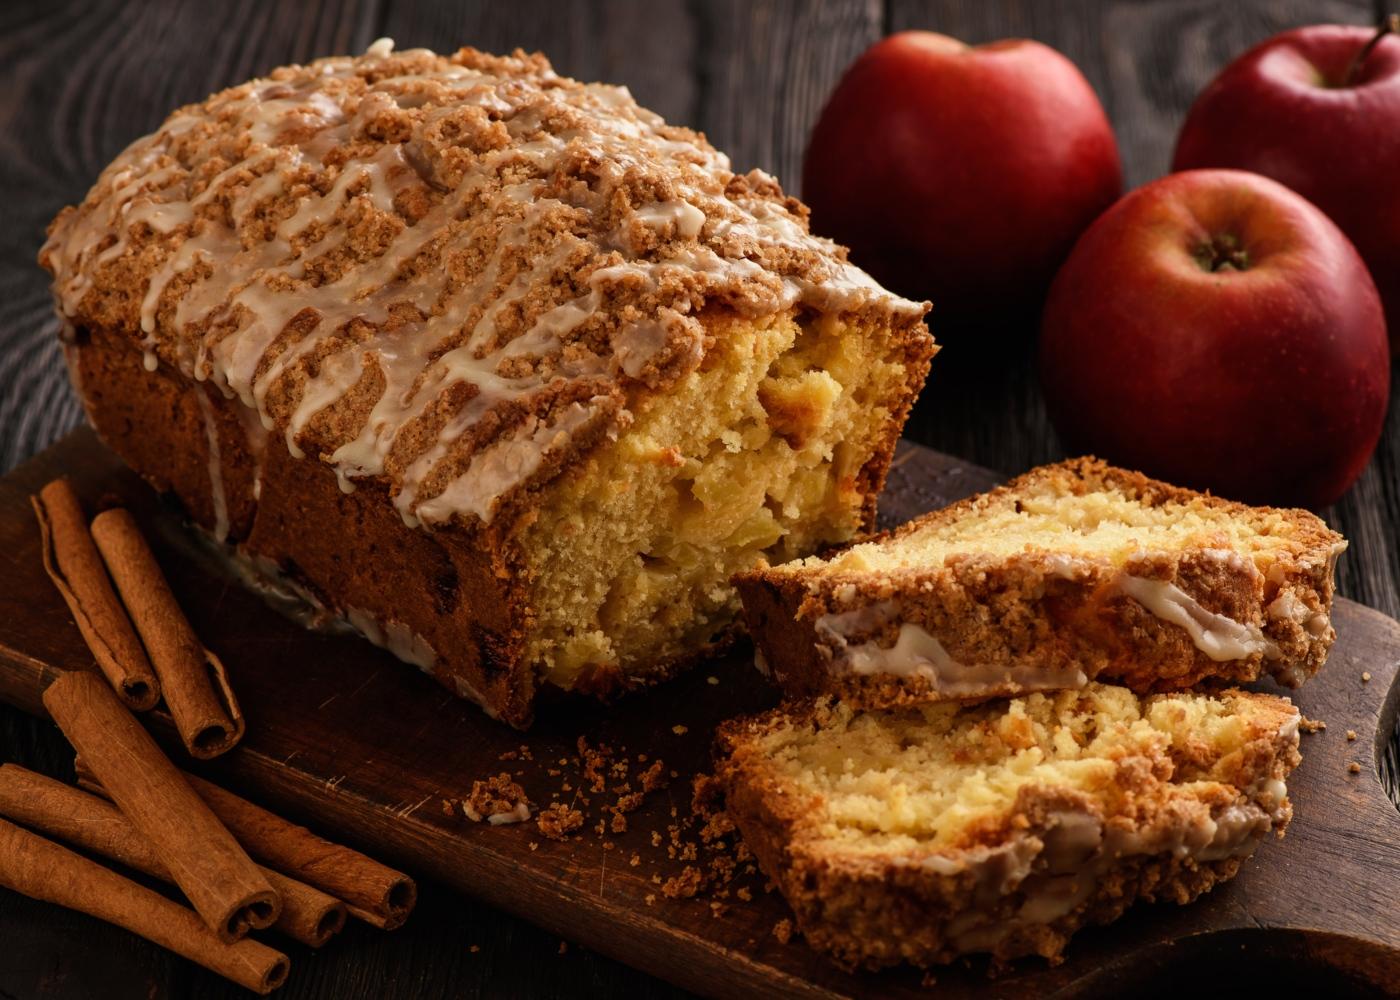 Receitas de bolos saudáveis para fazer com as crianças: bolo de maçã e banana